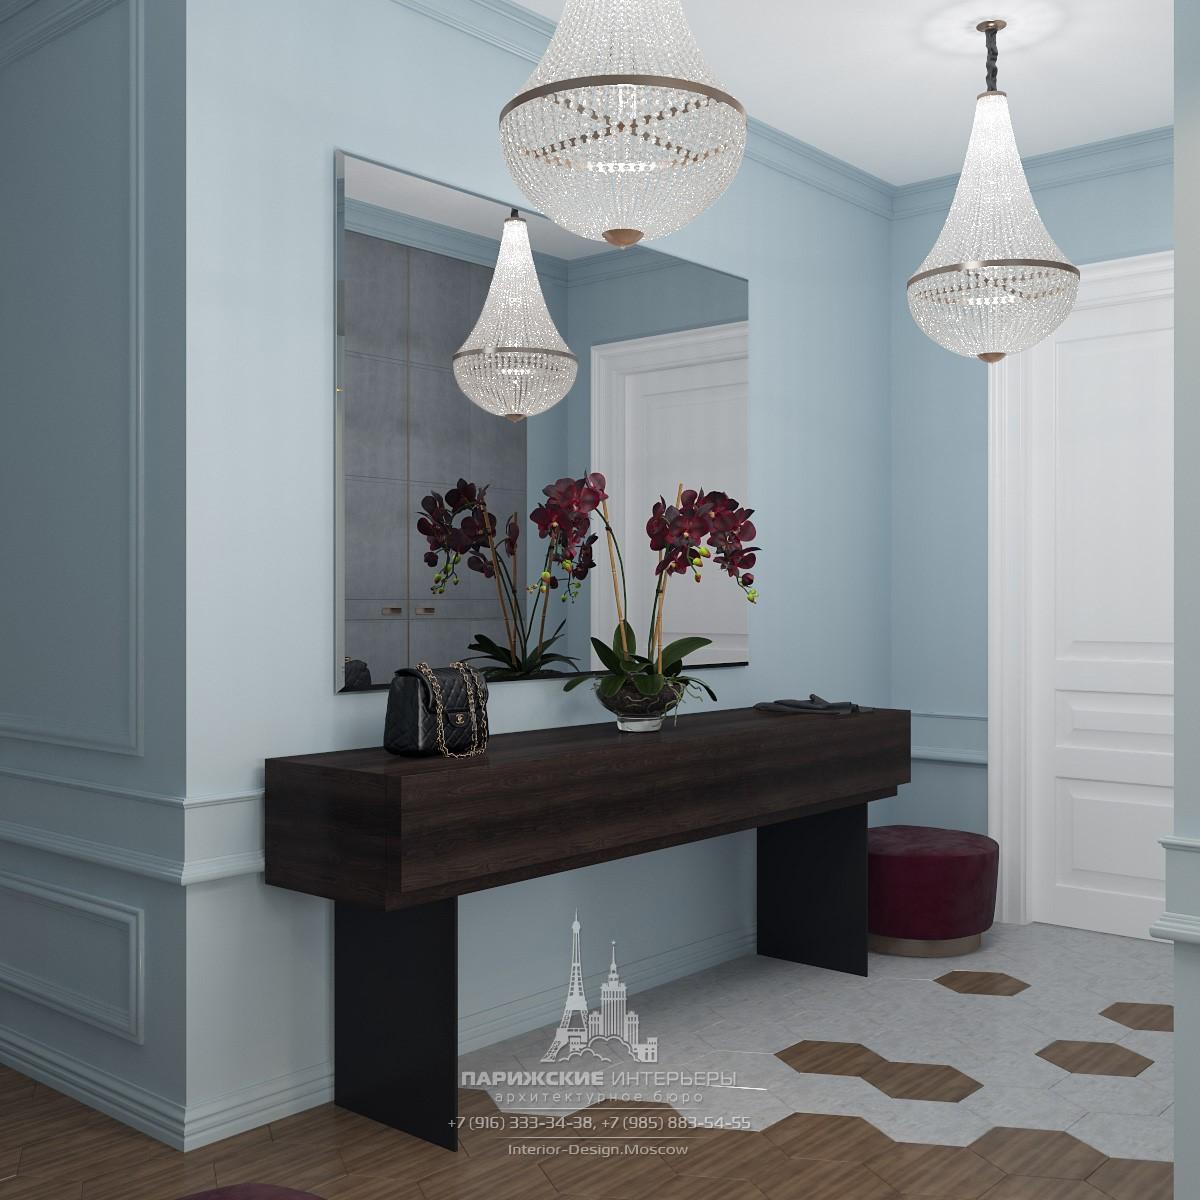 Дизайн в серо-голубых тонах. Фото современных интерьеров